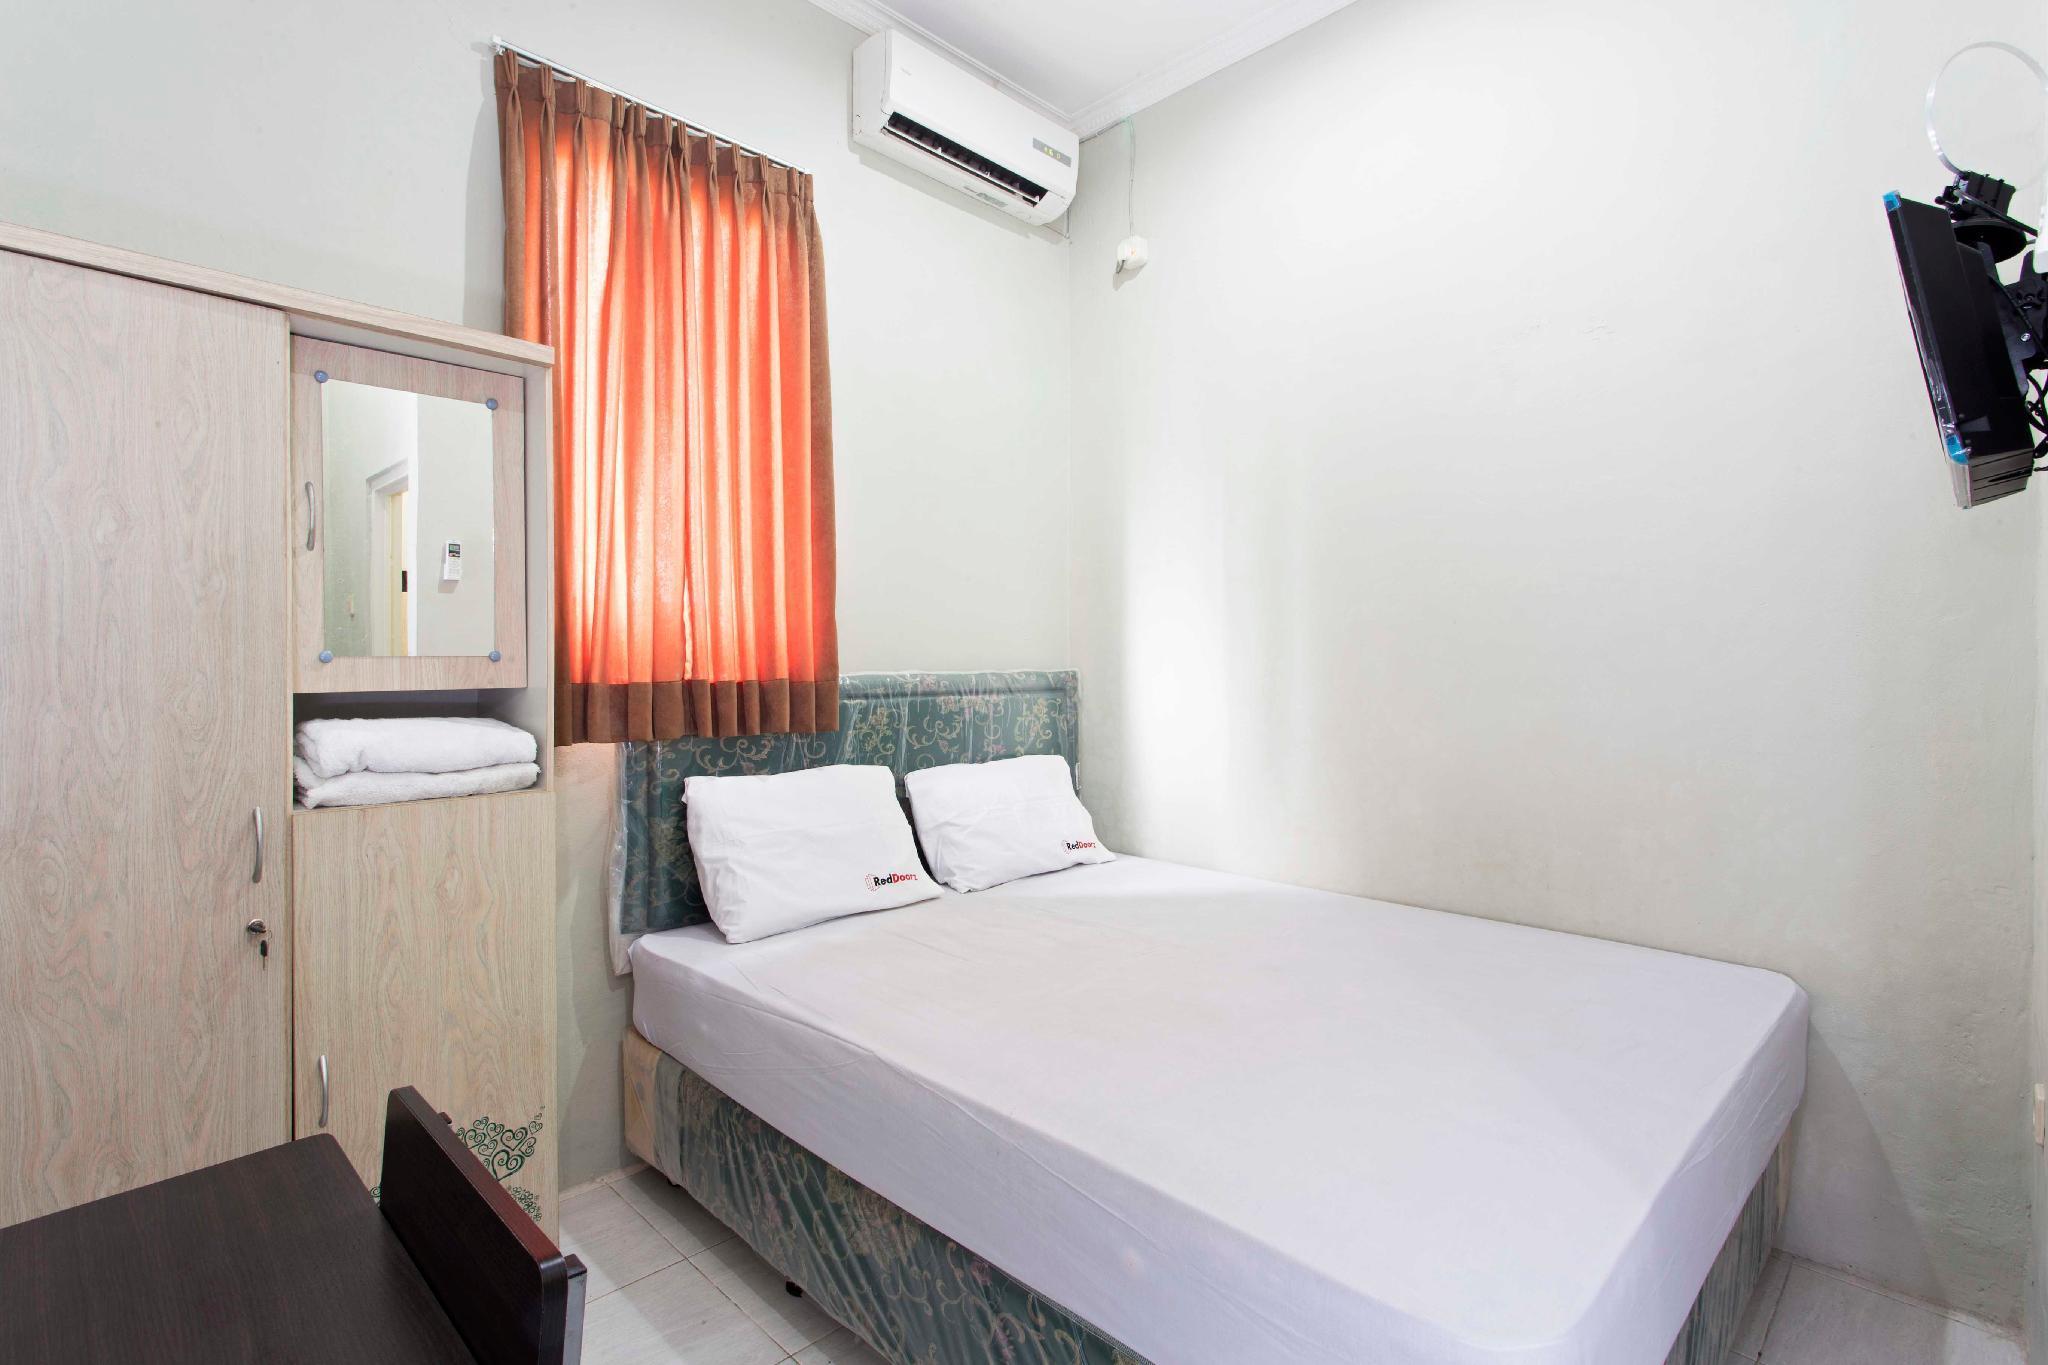 Hotel RedDoorz @ Pinang Tangerang - Jl. KH Mas Mansyur No. 7, Sudimara Pinang, - Tangerang